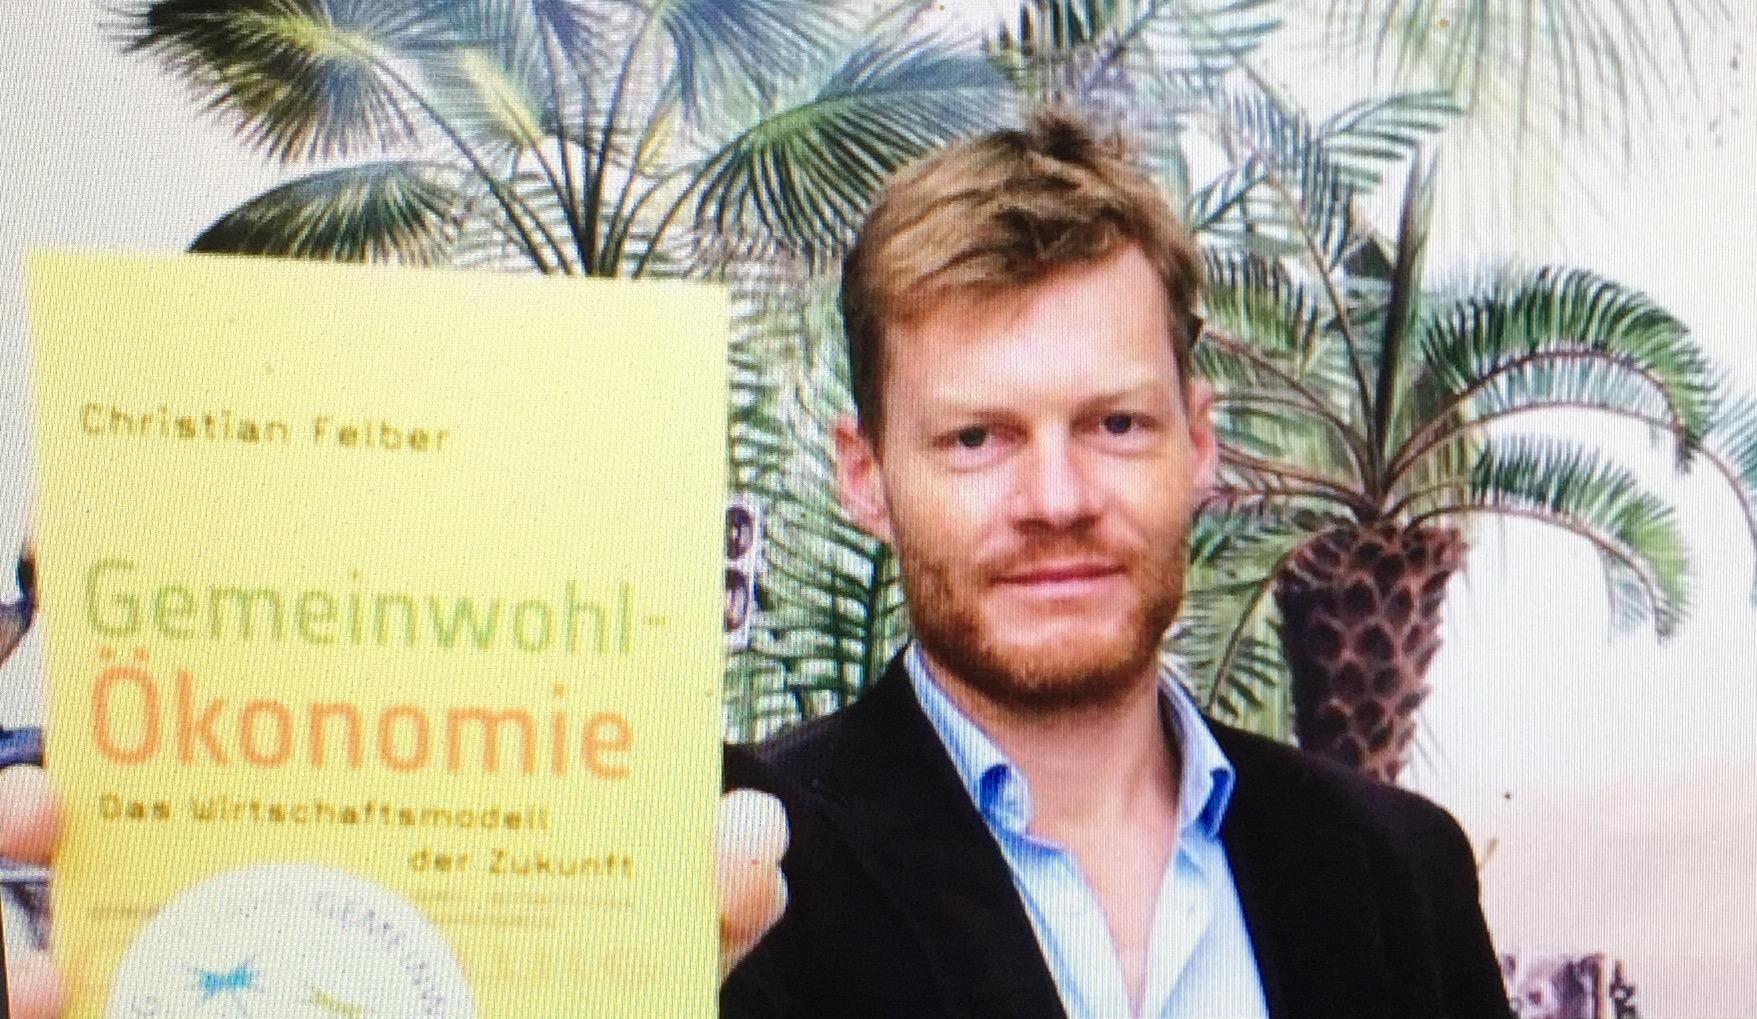 """Gemeinwohlökonomie von Christian Felber als alternatives Wirtschaftsmodell erhält in Hamburg den ZEIT WISSEN-Preis """"Mut zur Nachhaltigkeit"""" 2017"""